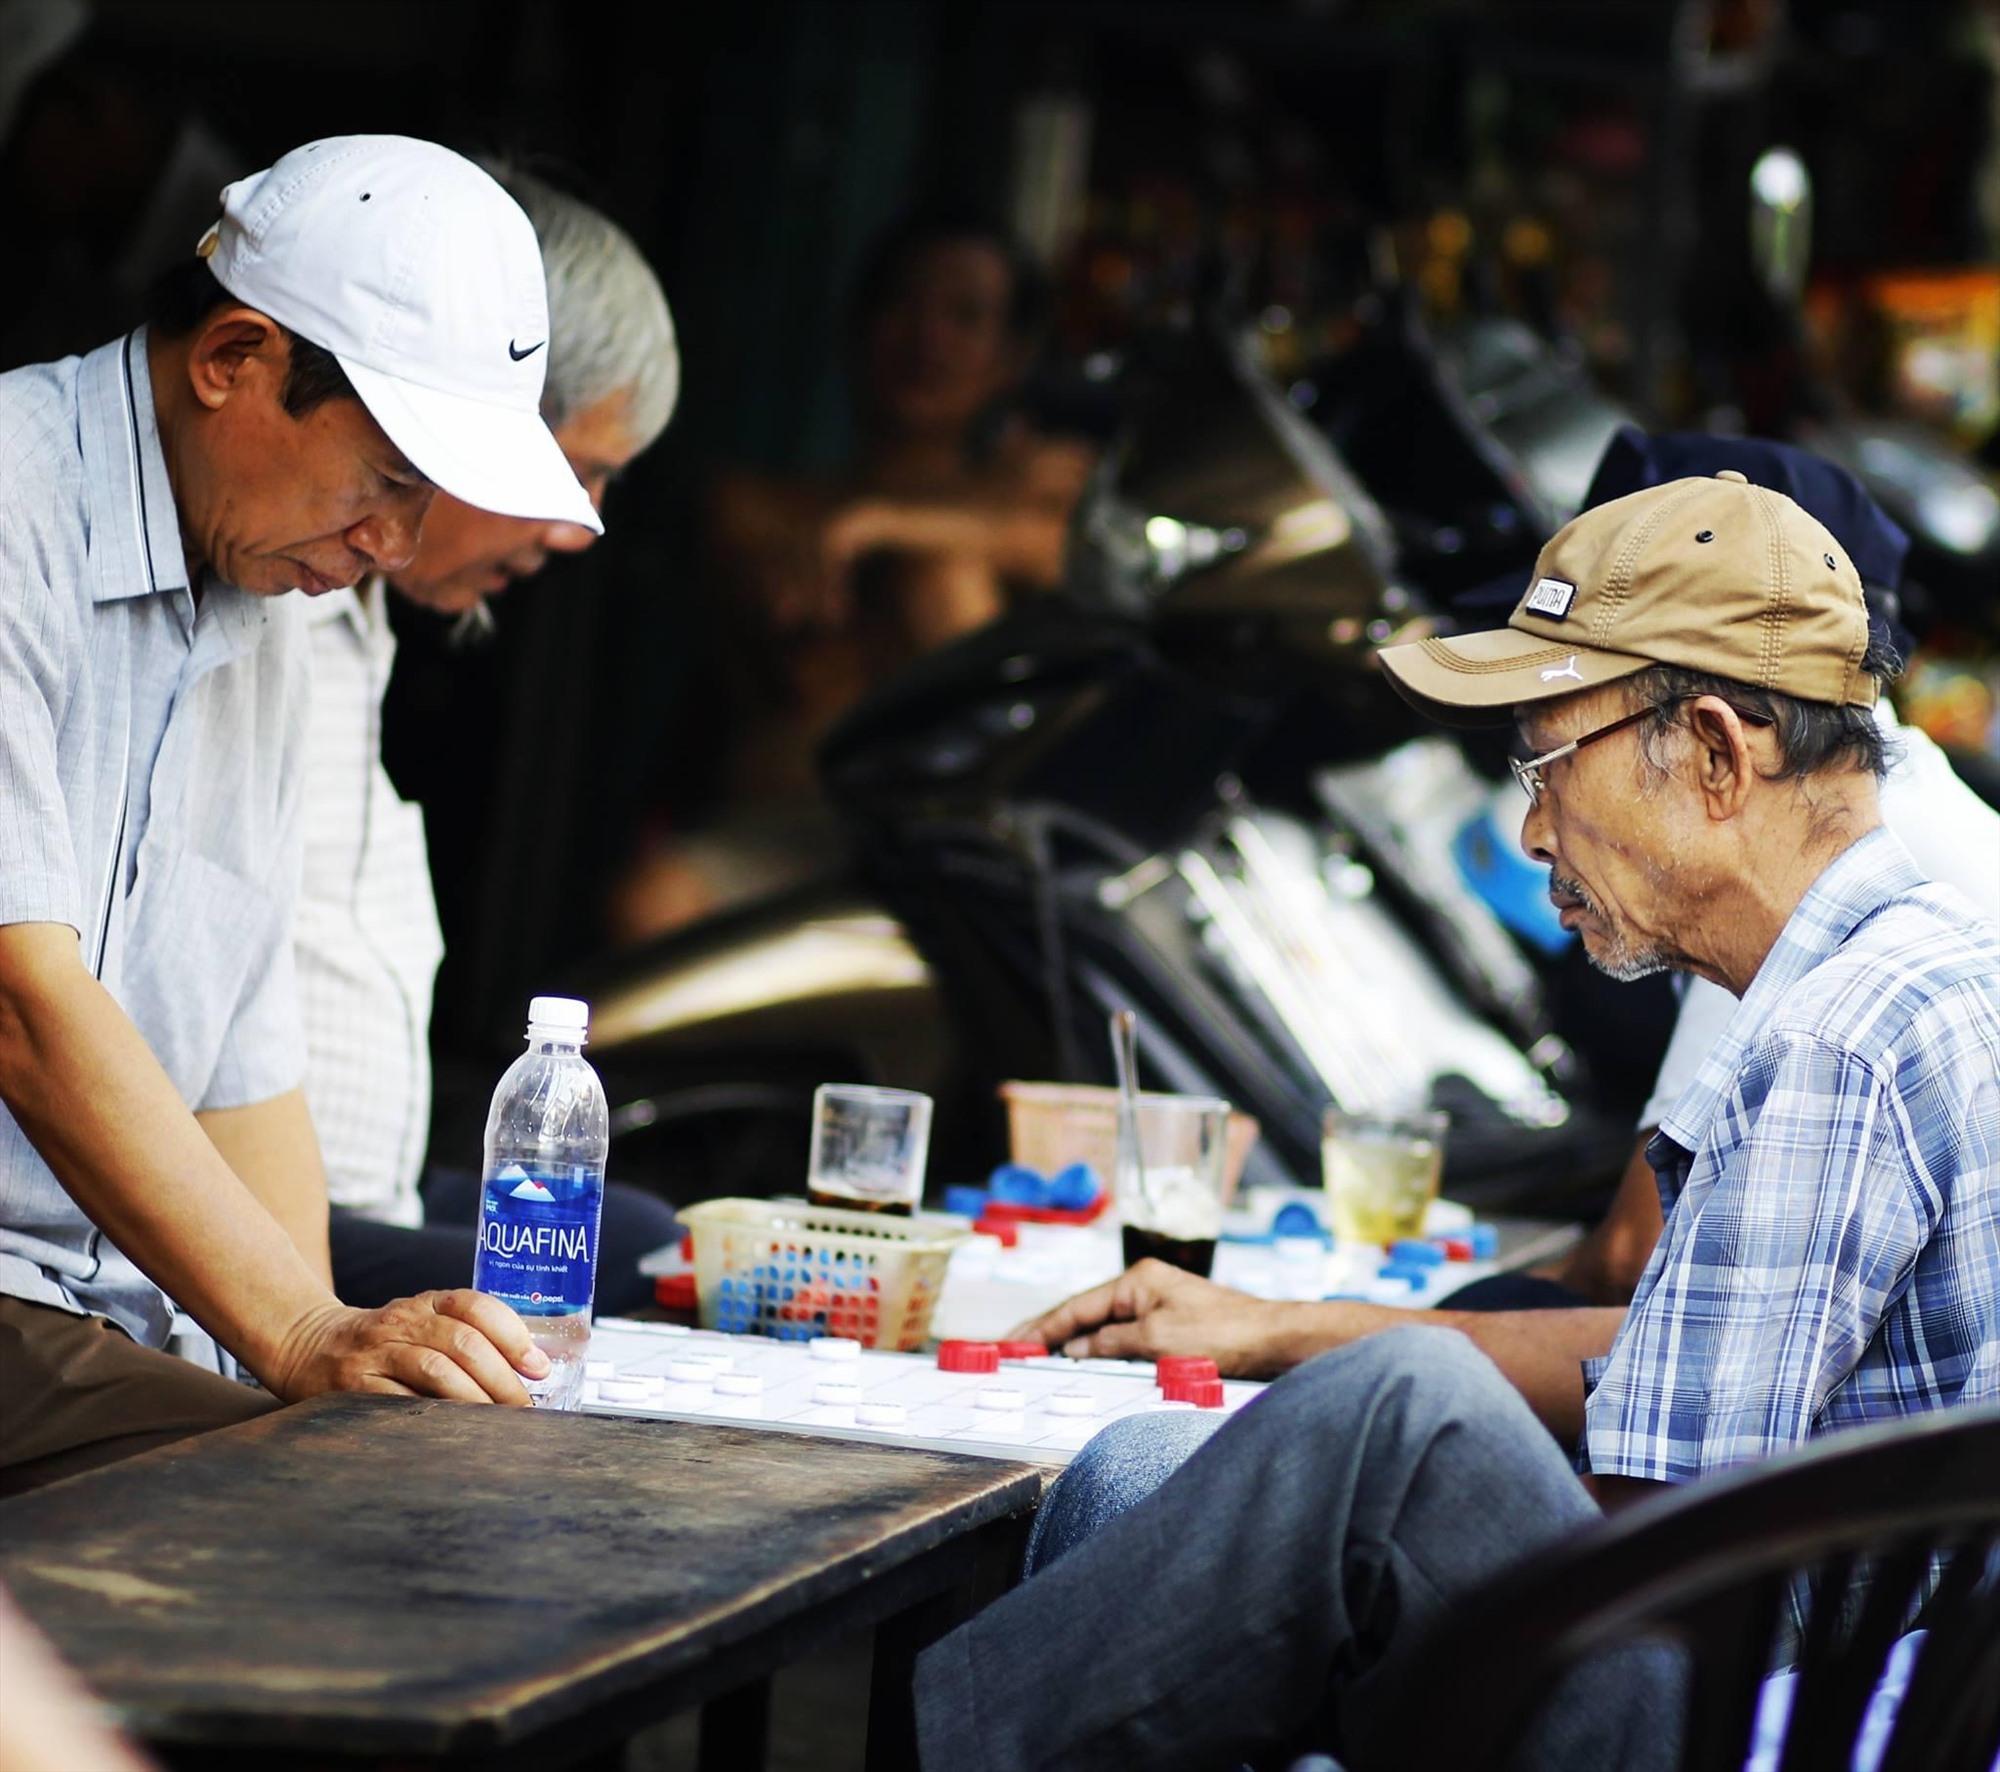 Những người đàn ông chơi cờ giữa phố khuya. Ảnh: T.V